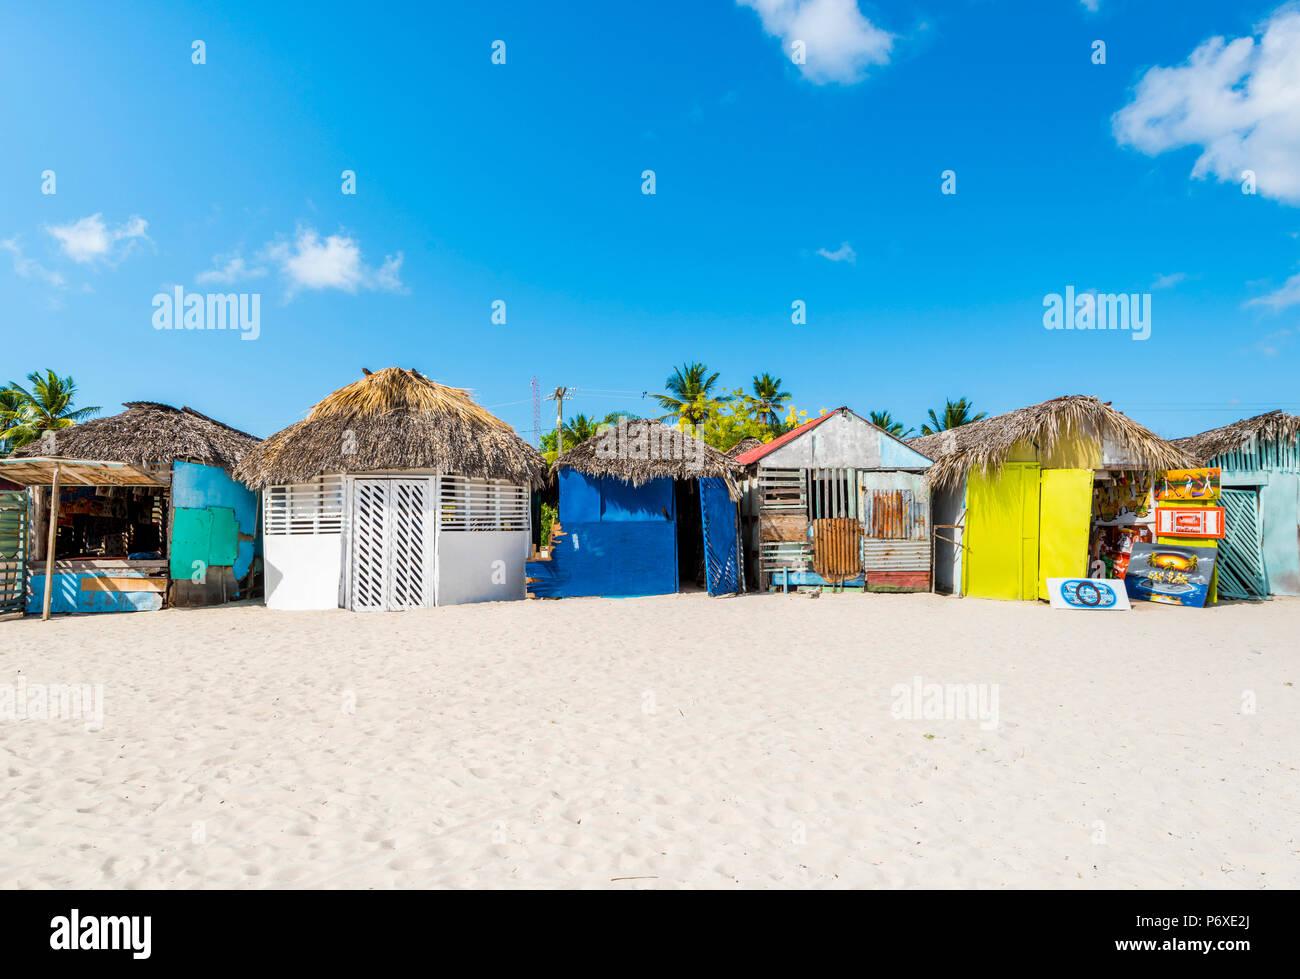 Mano Juan, Saona Island, Parco Nazionale Orientale (Parque Nacional del Este), Repubblica Dominicana, Mar dei Caraibi. Foto Stock